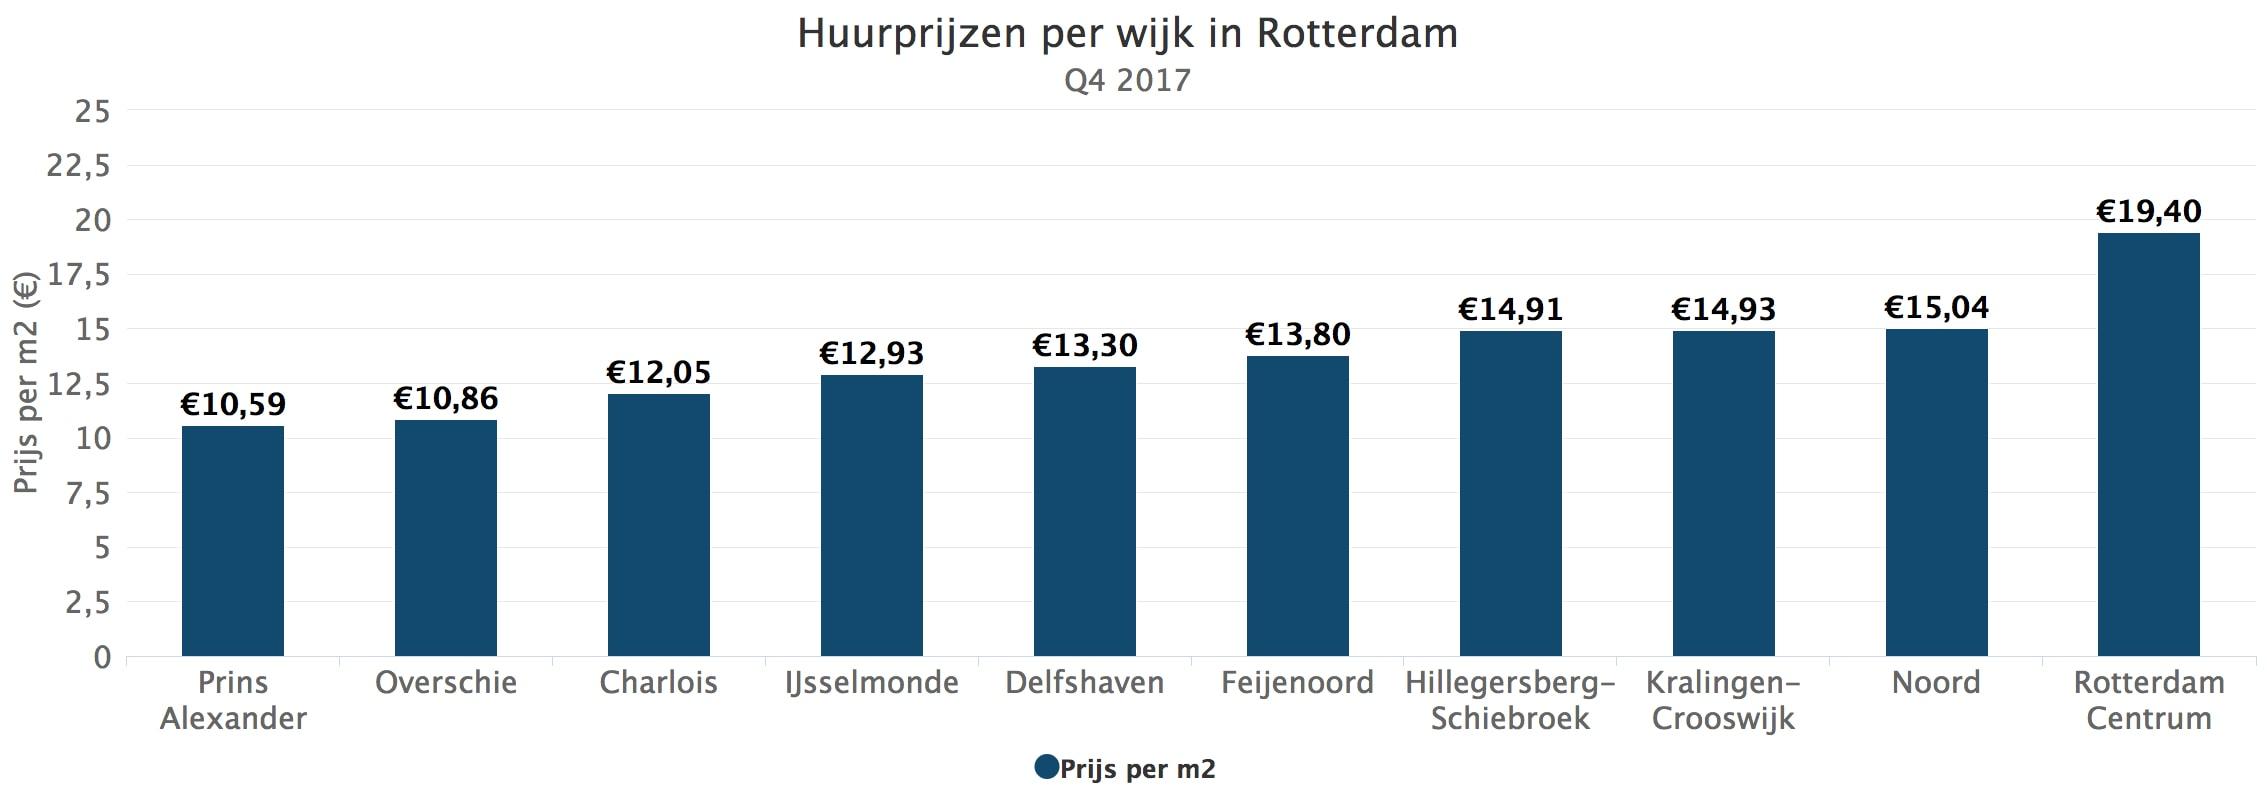 Huurprijzen Per Wijk In Rotterdam